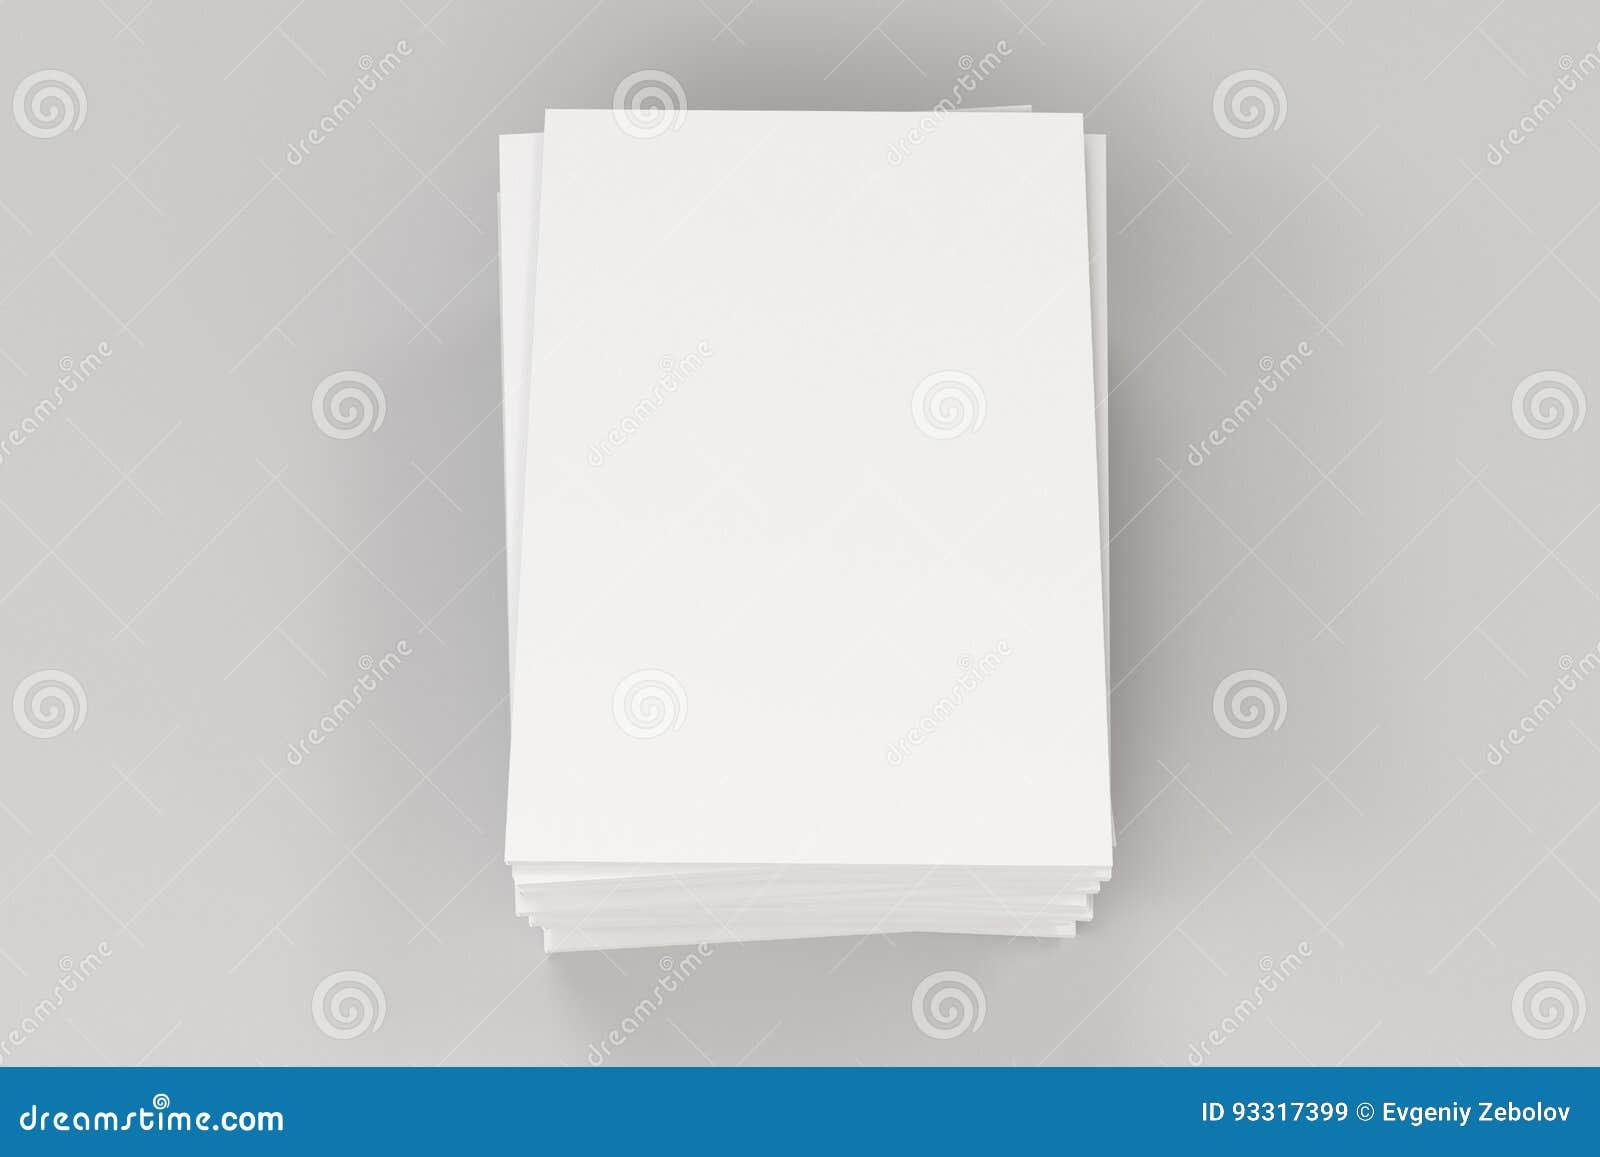 Sterta pusty biały zamknięty broszurka egzamin próbny na białym tle